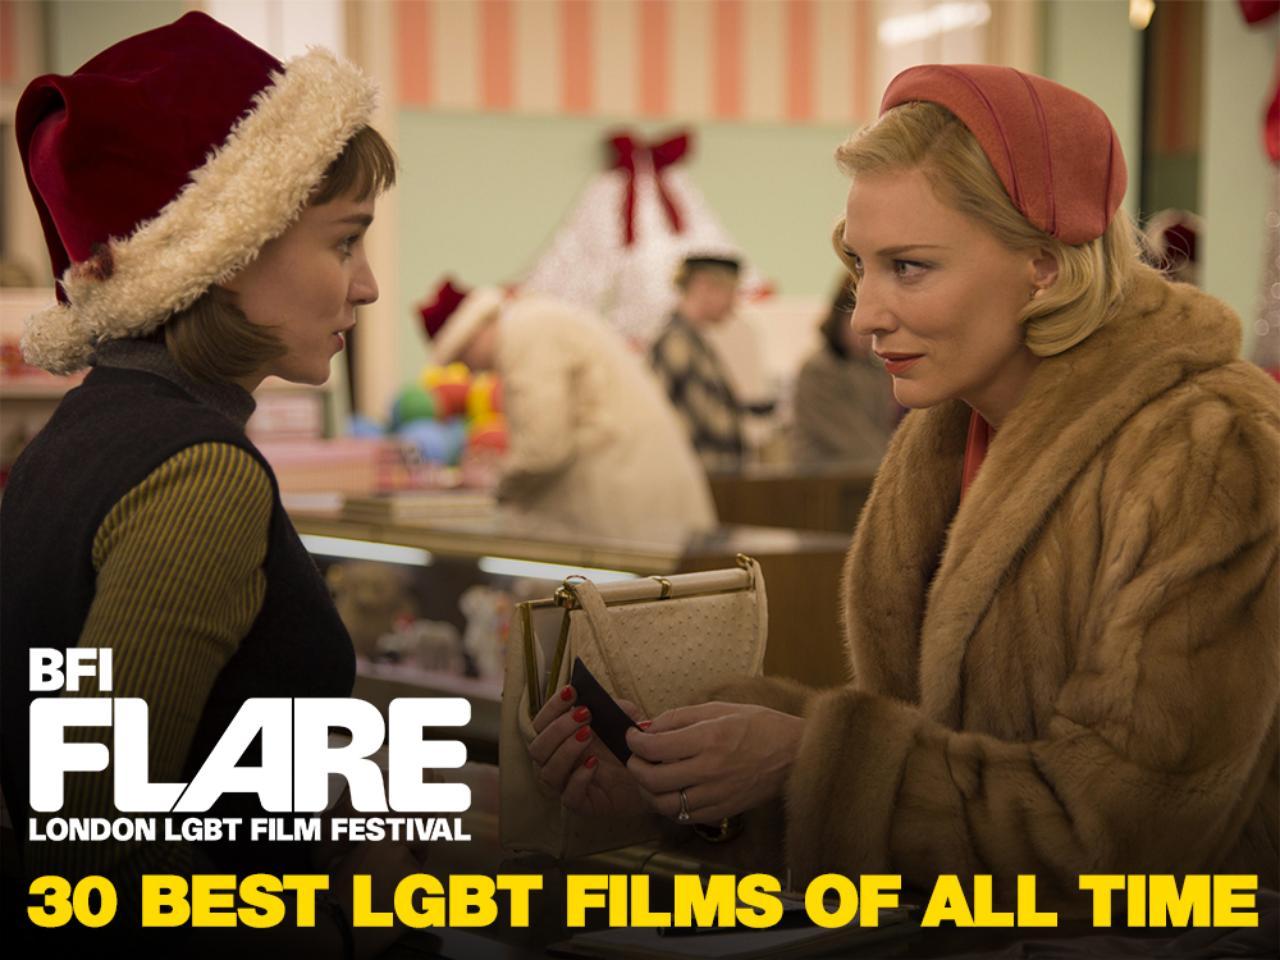 画像: The 30 Best LGBT Films of All Time